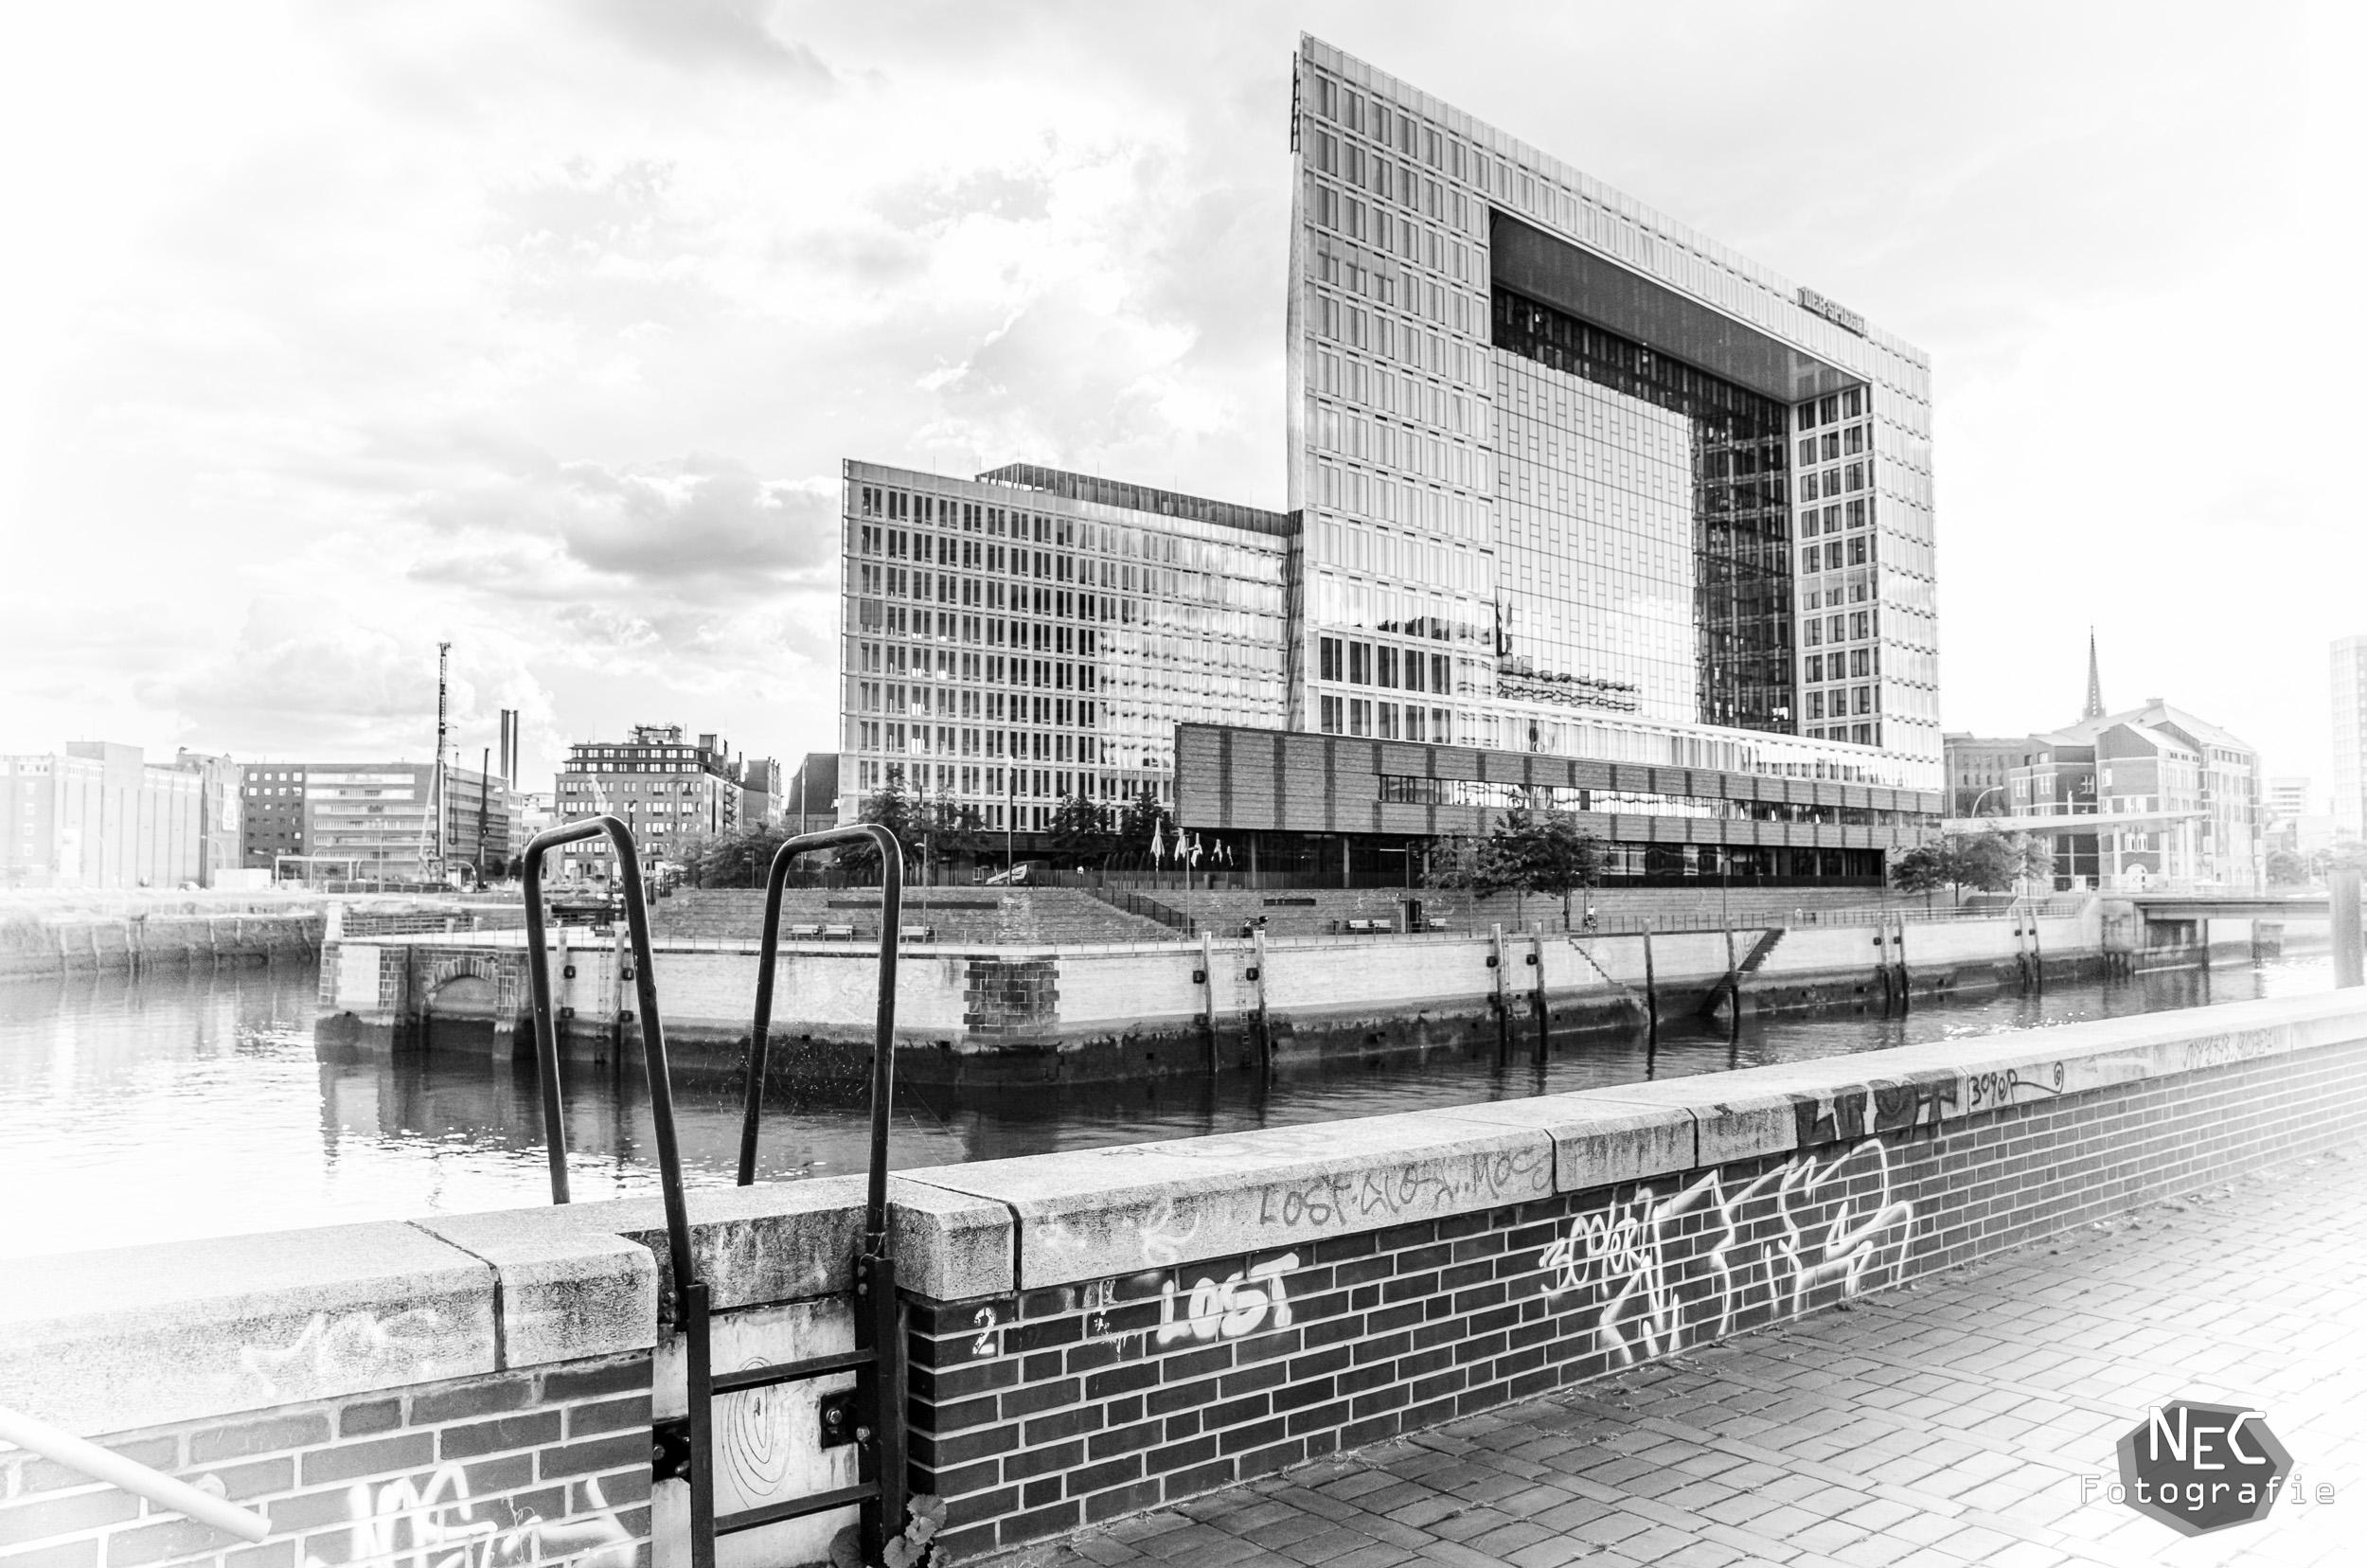 Hamburg nec fotografie page 2 for Spiegel verlag hamburg